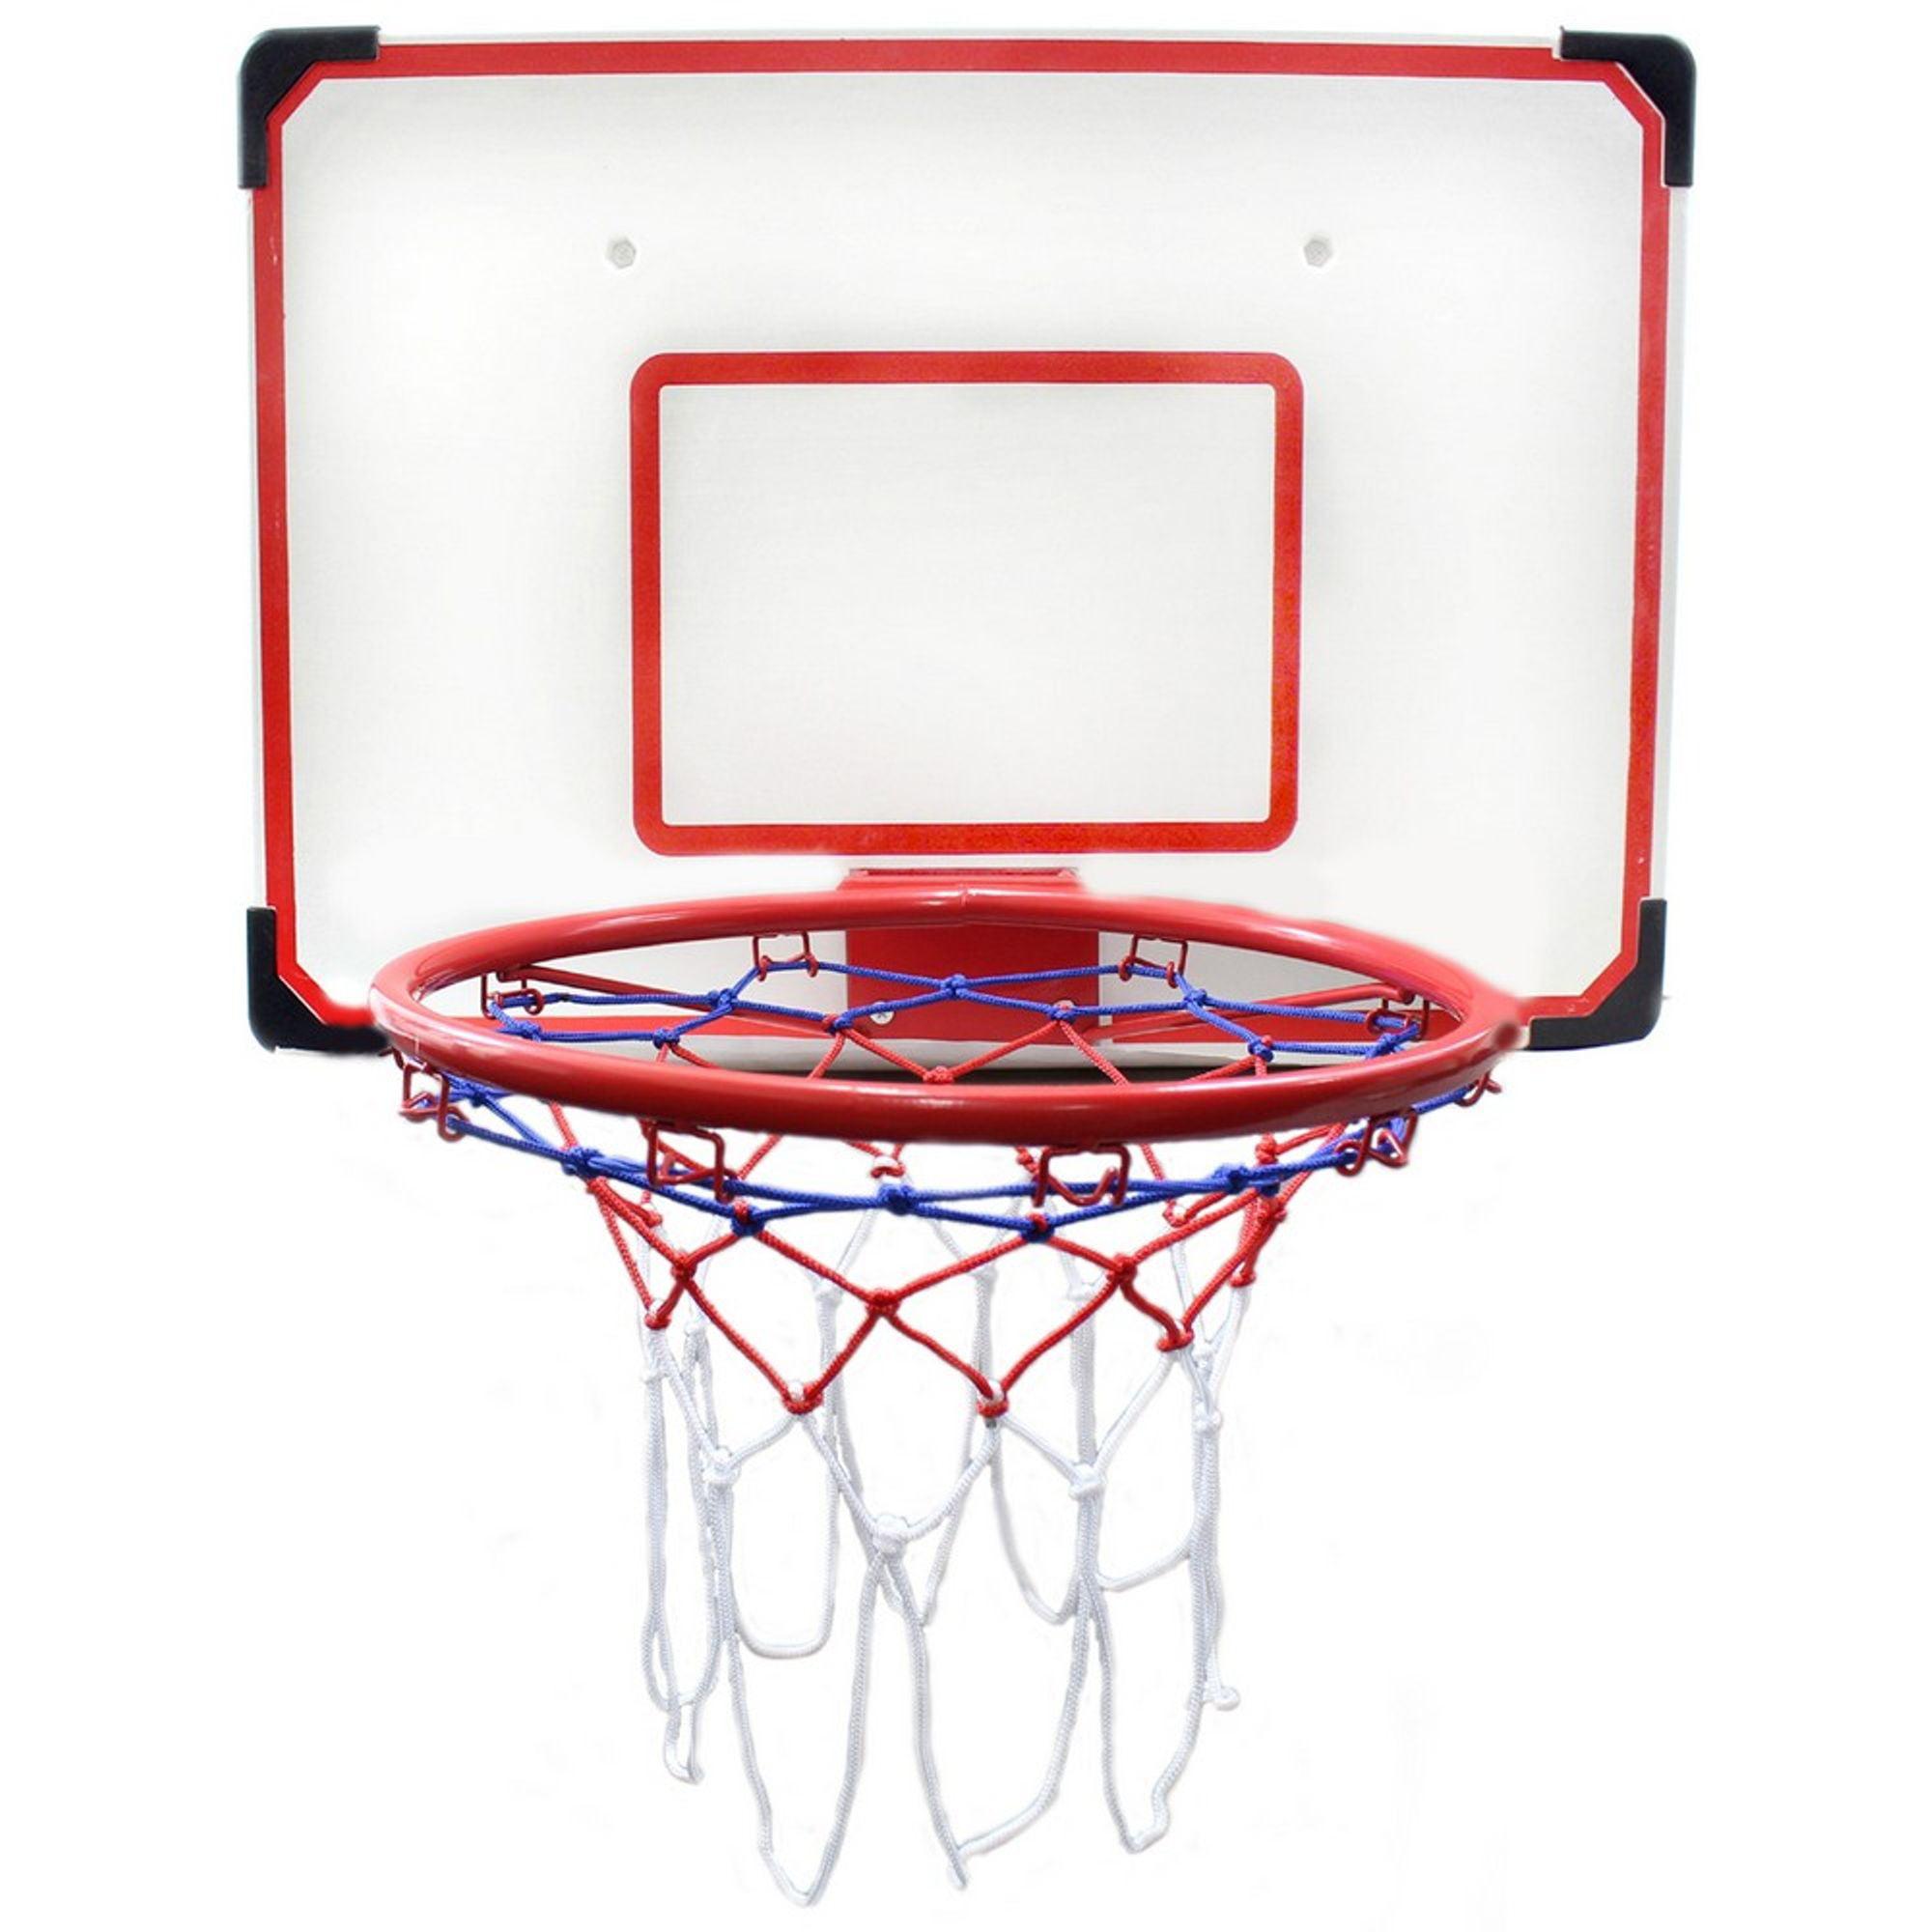 Insten Indoor/Outdoor XL Big Basketball Hoop Set